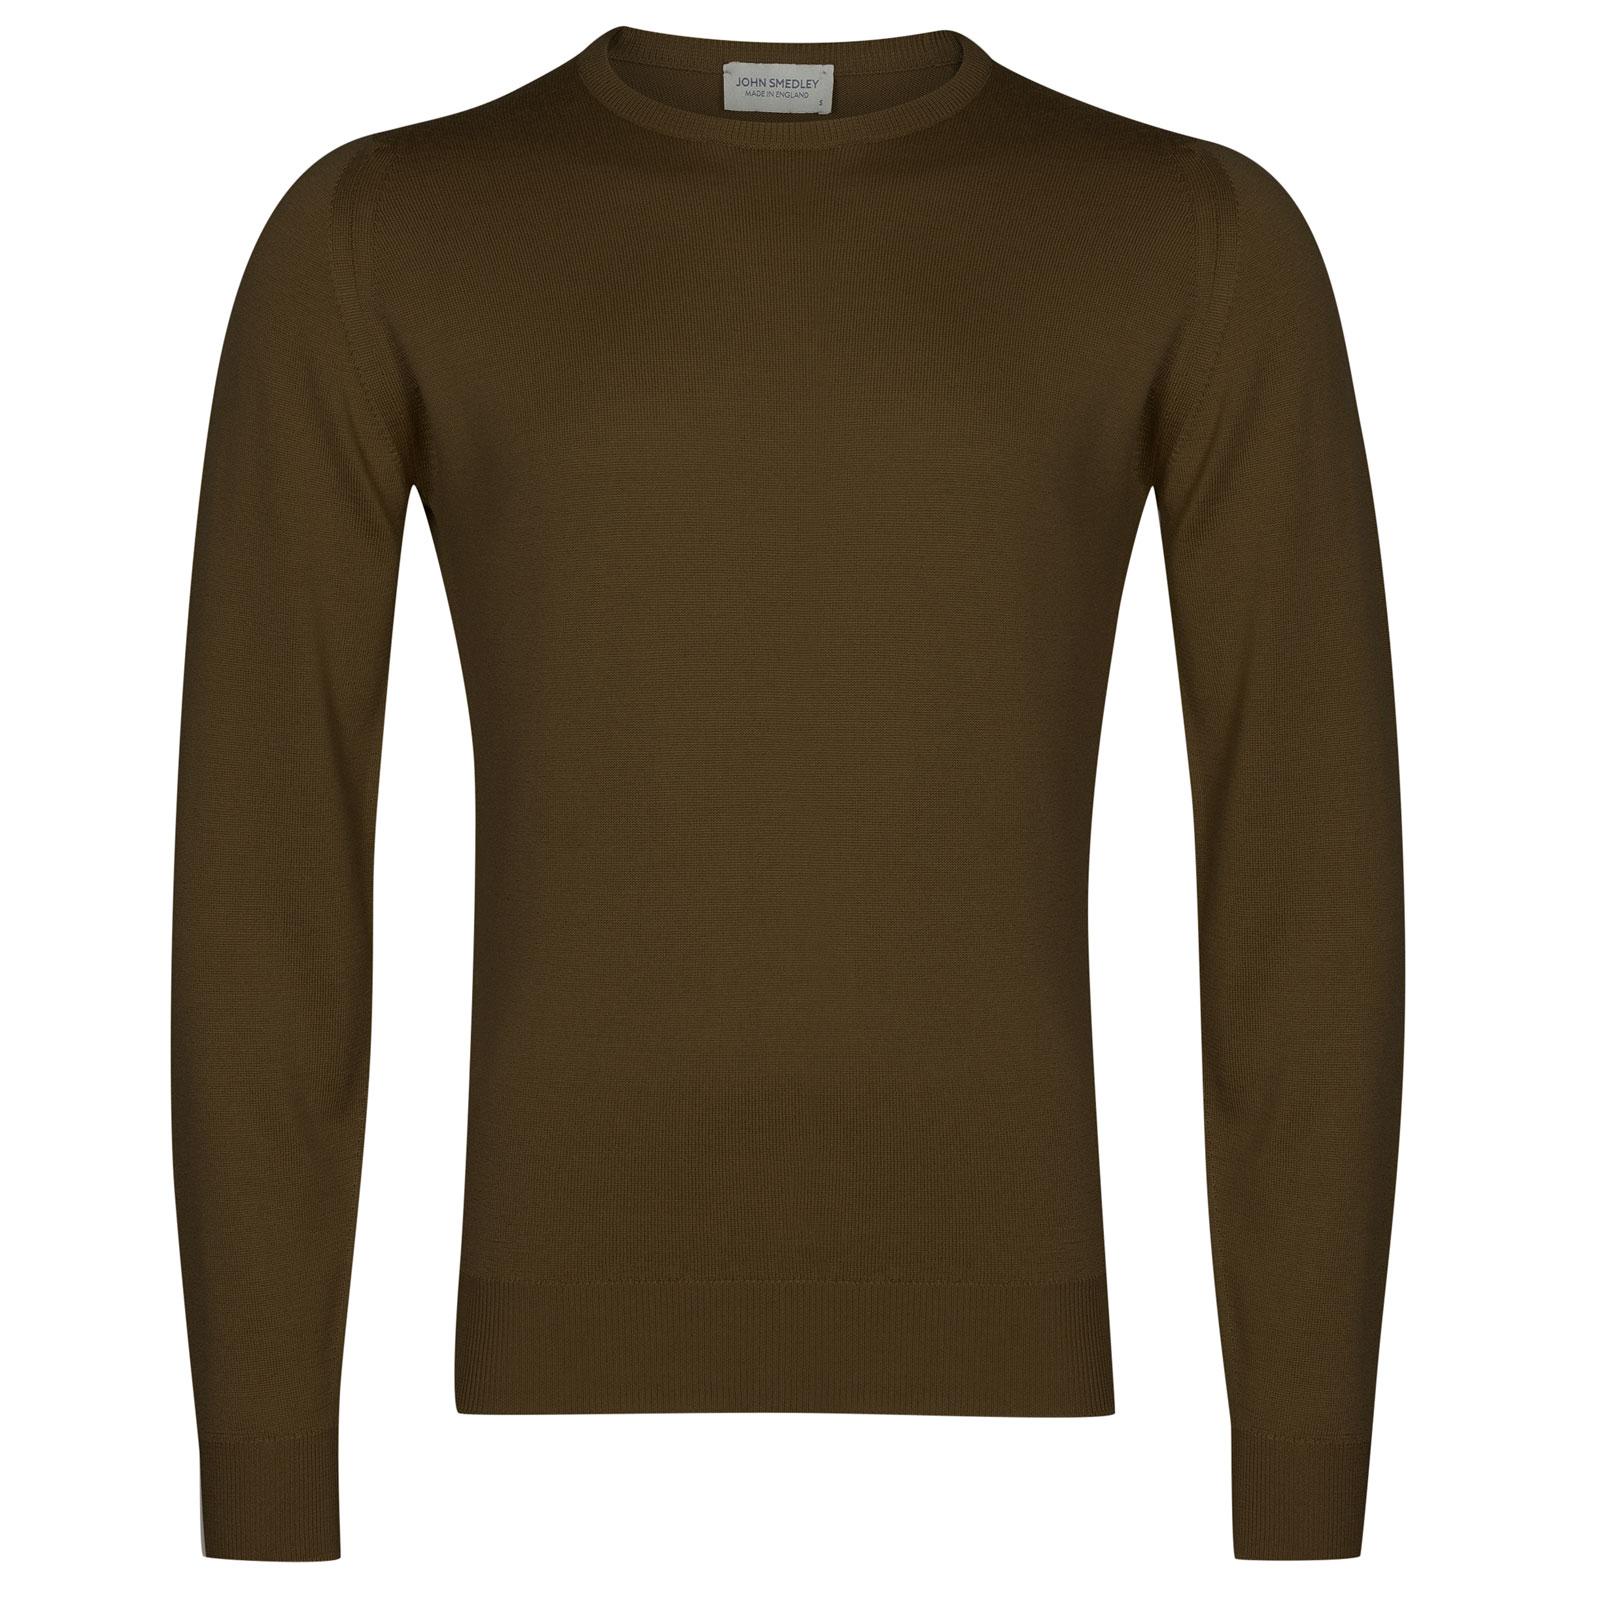 John Smedley farhill Merino Wool Pullover in Kielder Green-S